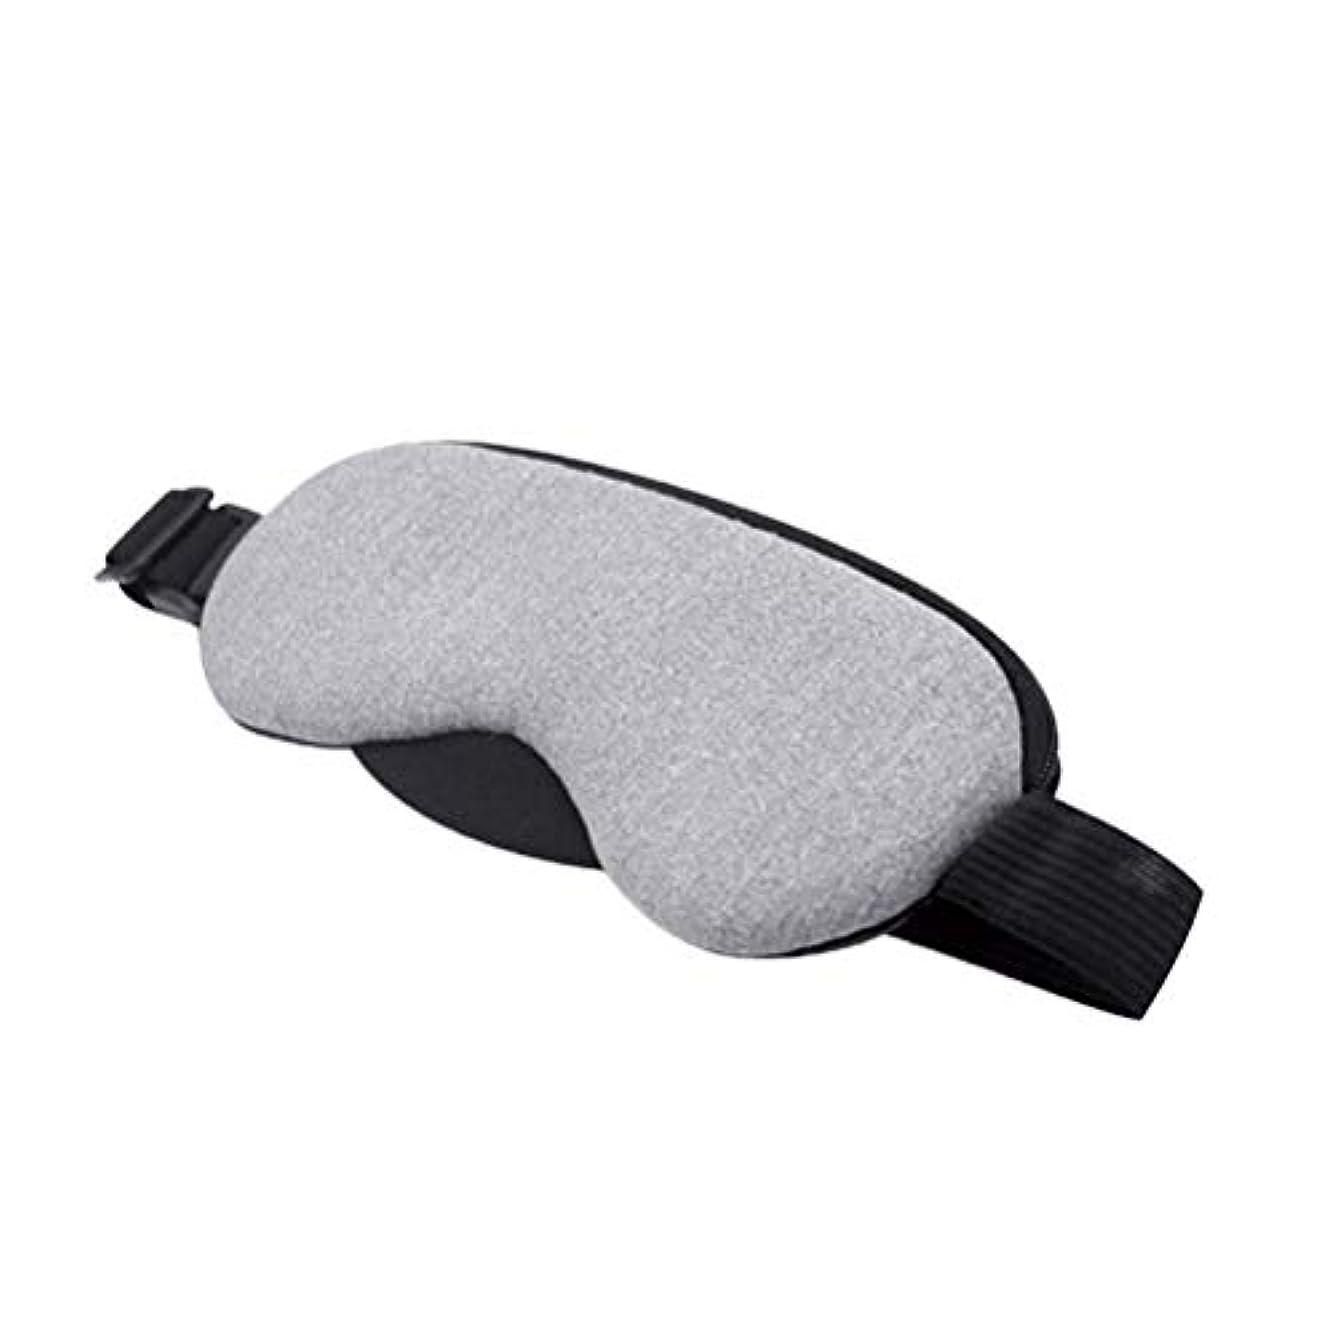 艶受益者すり減るHEALIFTY アイマスクUSBヒートホットスチームアイマスクは、パフの目を癒すために設計されています。ダークサークルアイドライアイブライトフィリストストレスフィニッシュアイ(グレーフレグランスフリー)